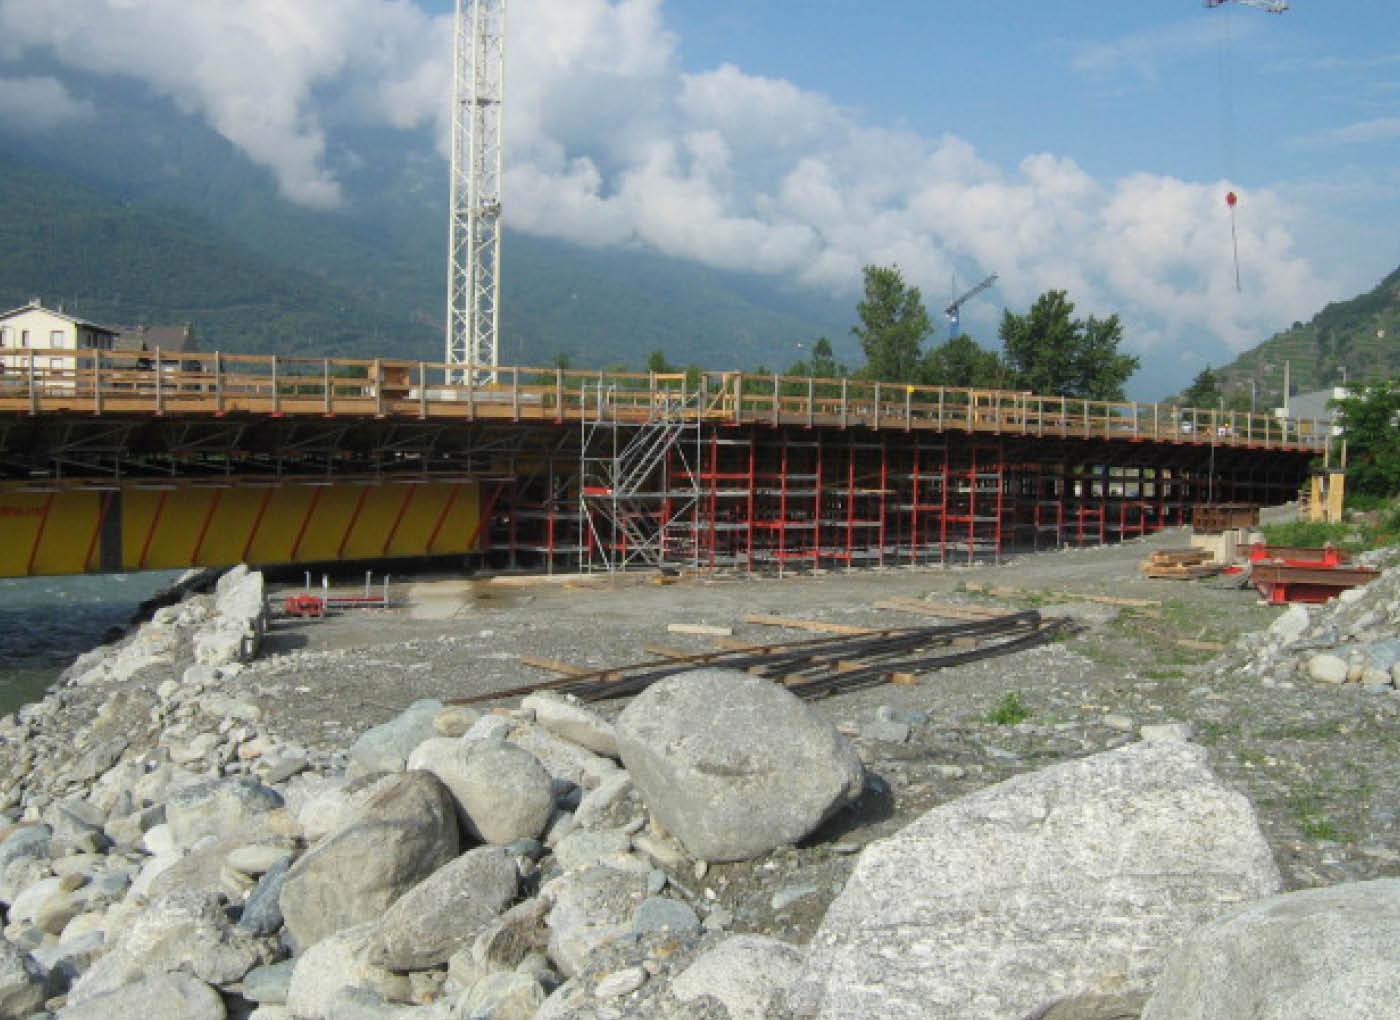 ponte-stradale-mallero-sondrio-calcestruzzi-leggeri-strutturali-1